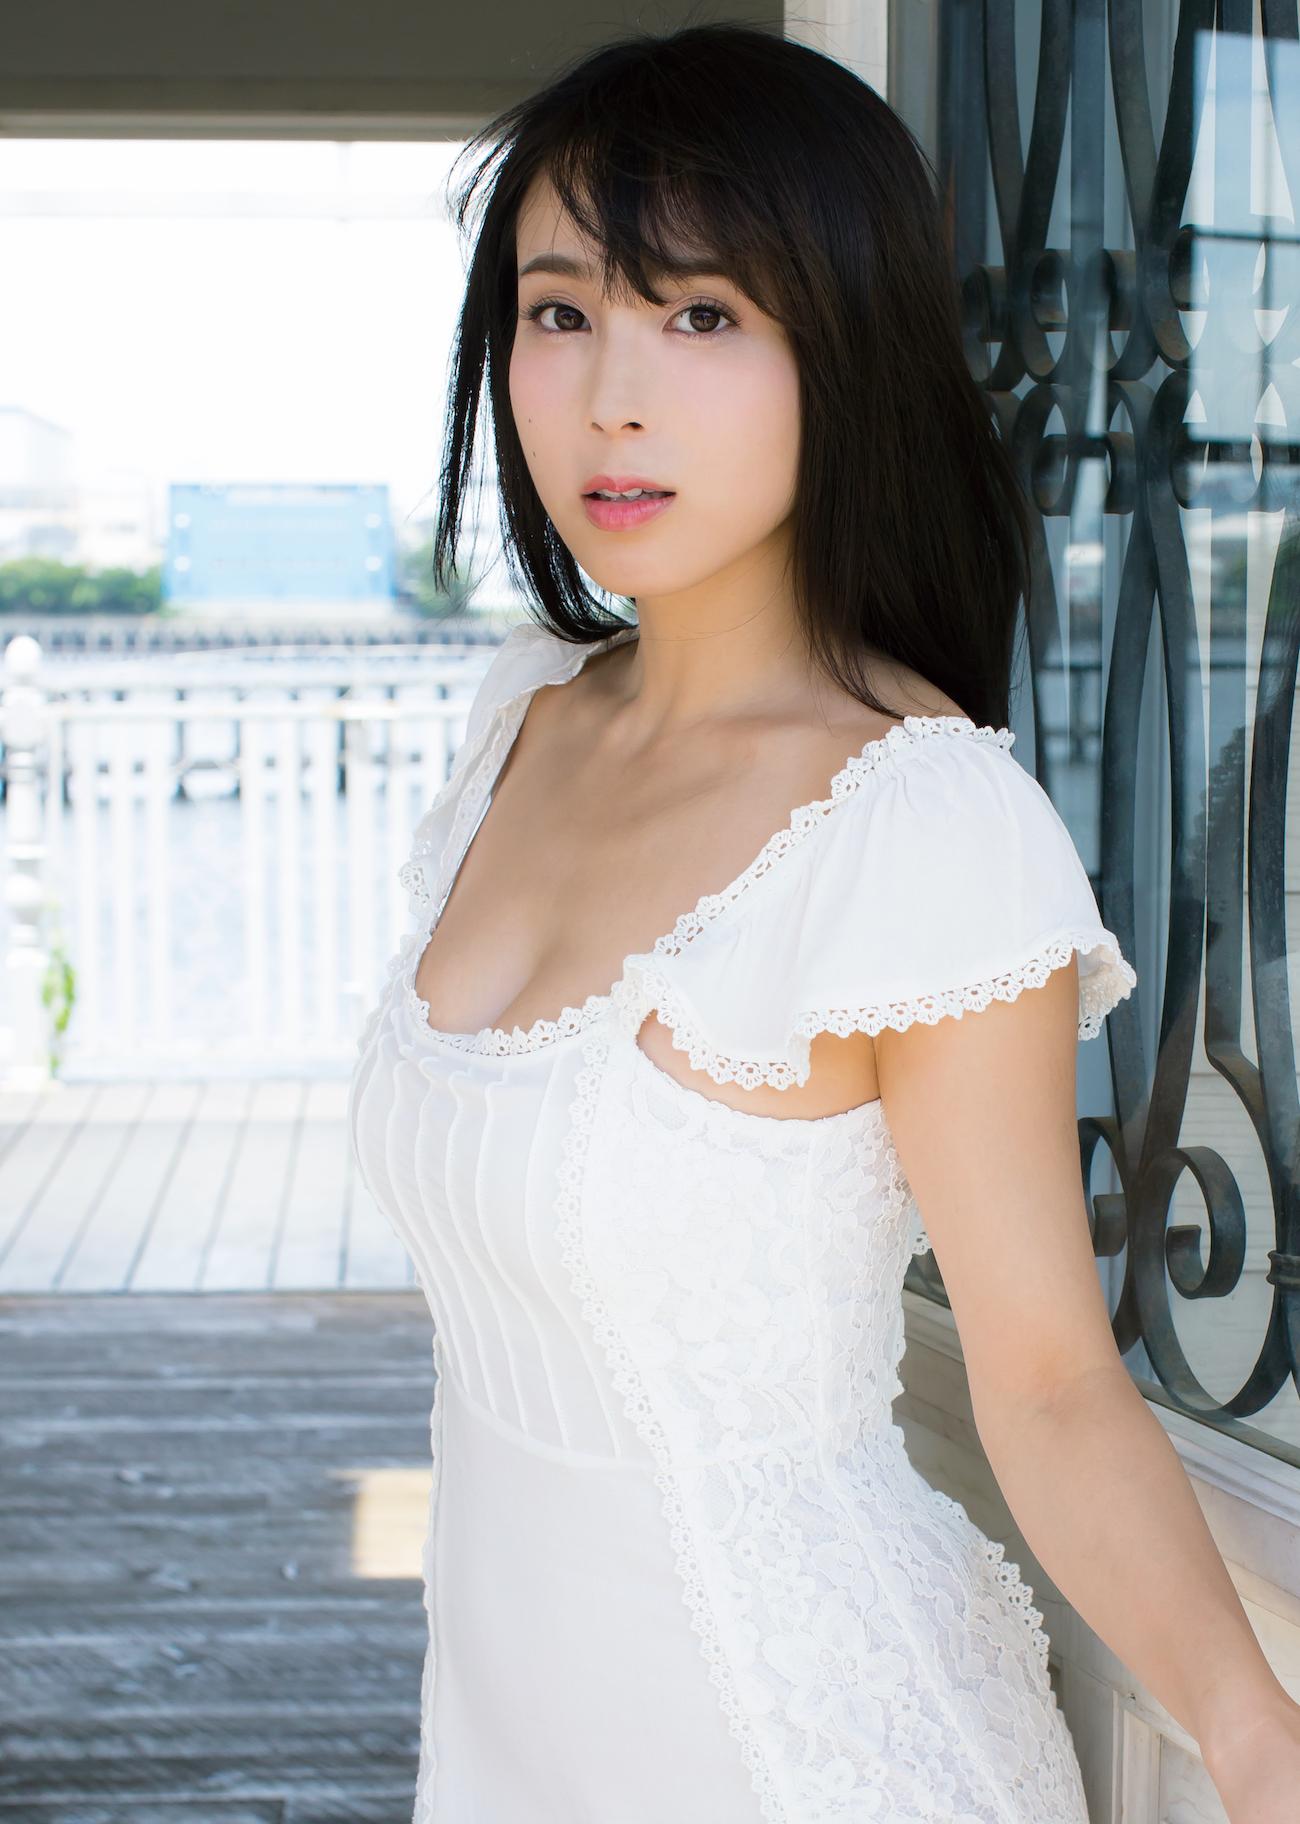 犬童美乃梨 (いぬどう みのり/R・I・P GIRLS)グラビアアイドル